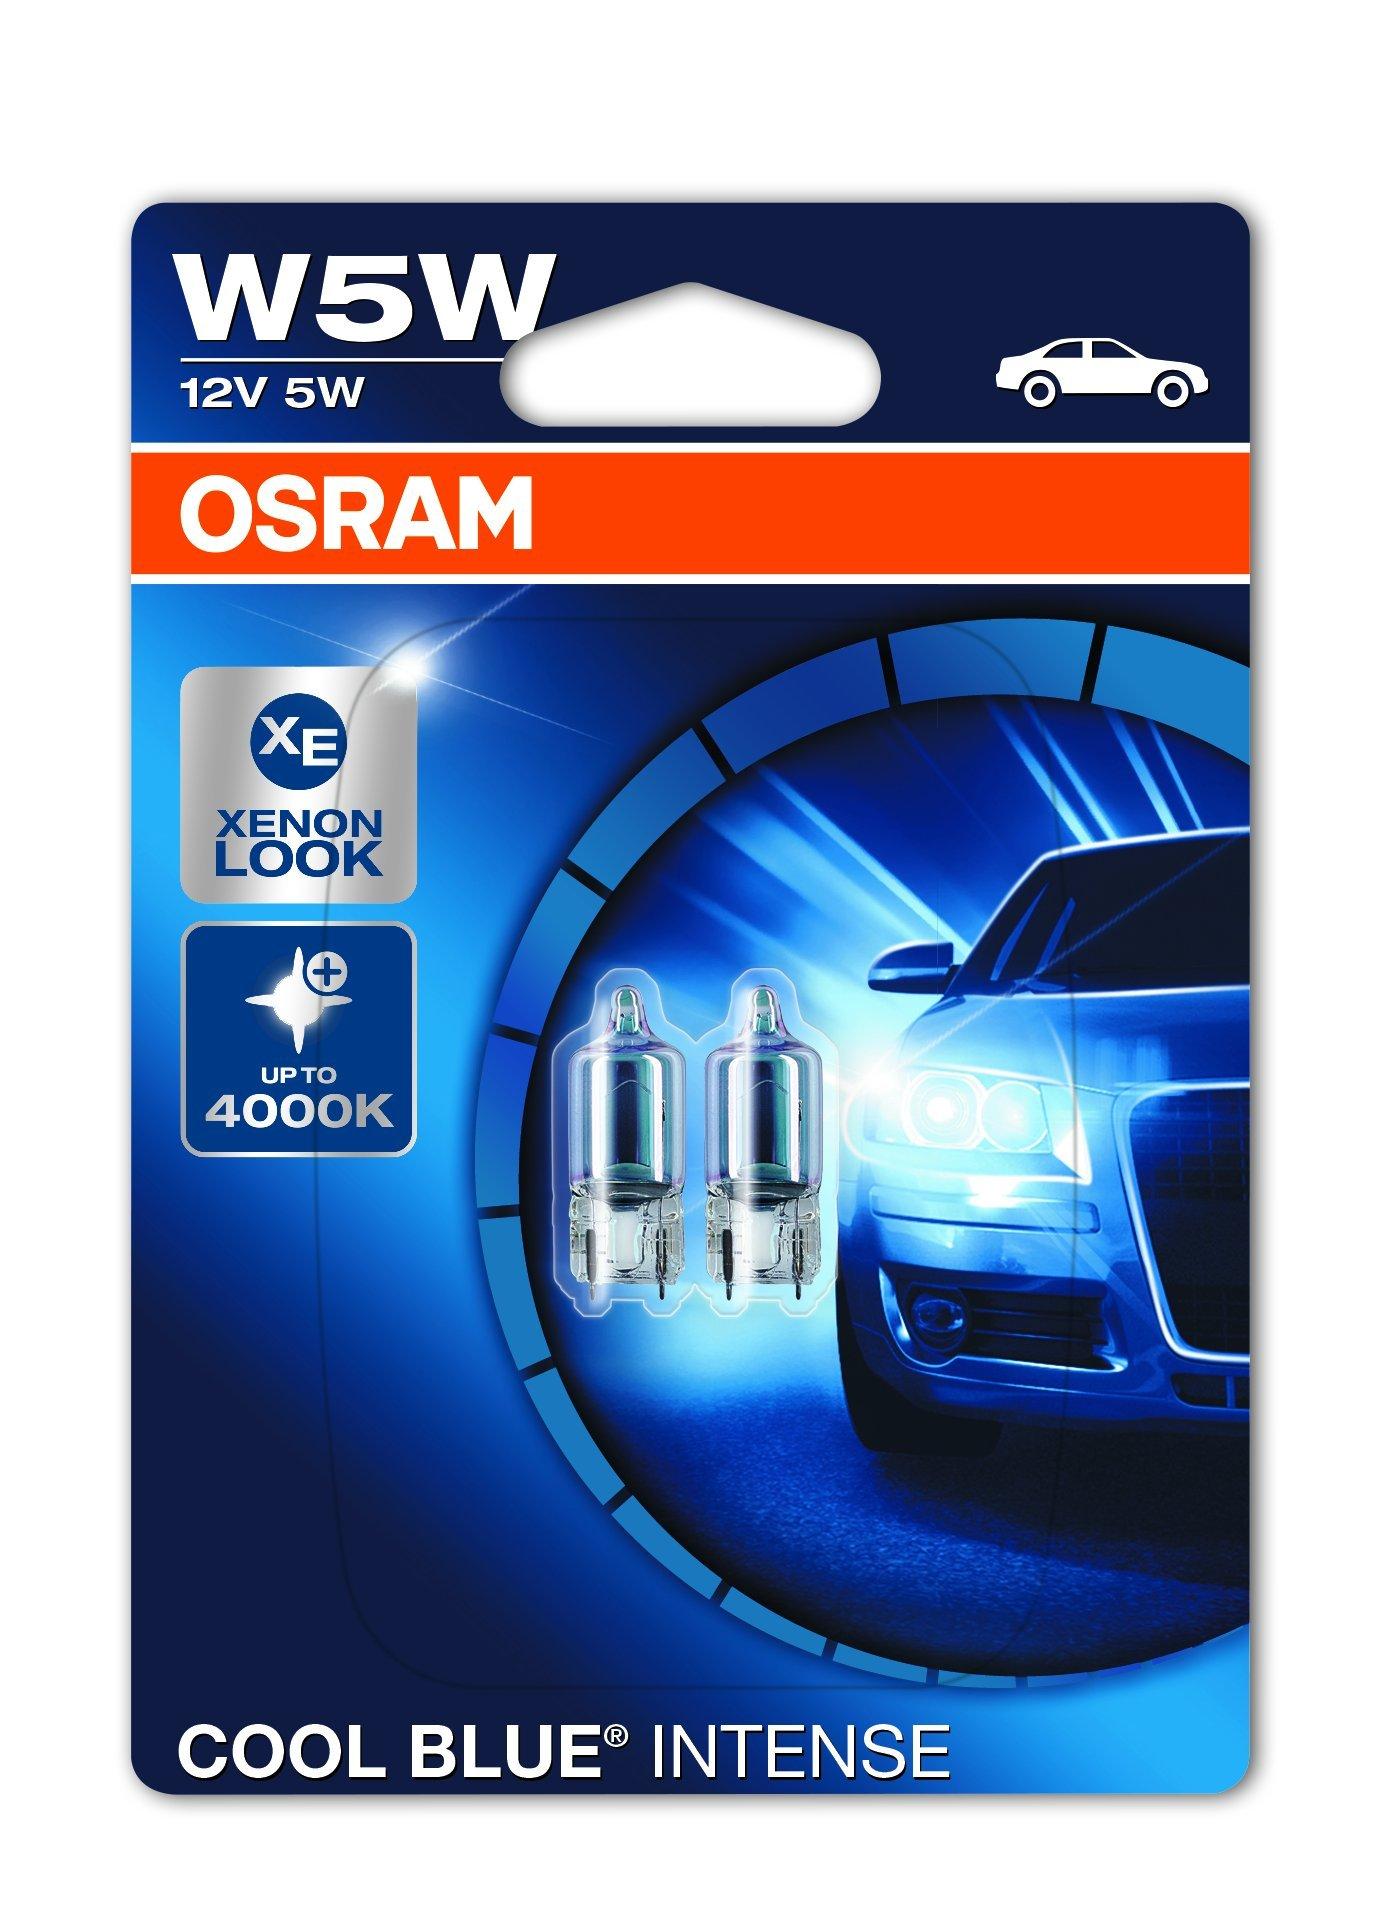 Osram 2825HCBI-02B Lámpara halógena Cool Blue Intense W5W, Luz de Posición y de